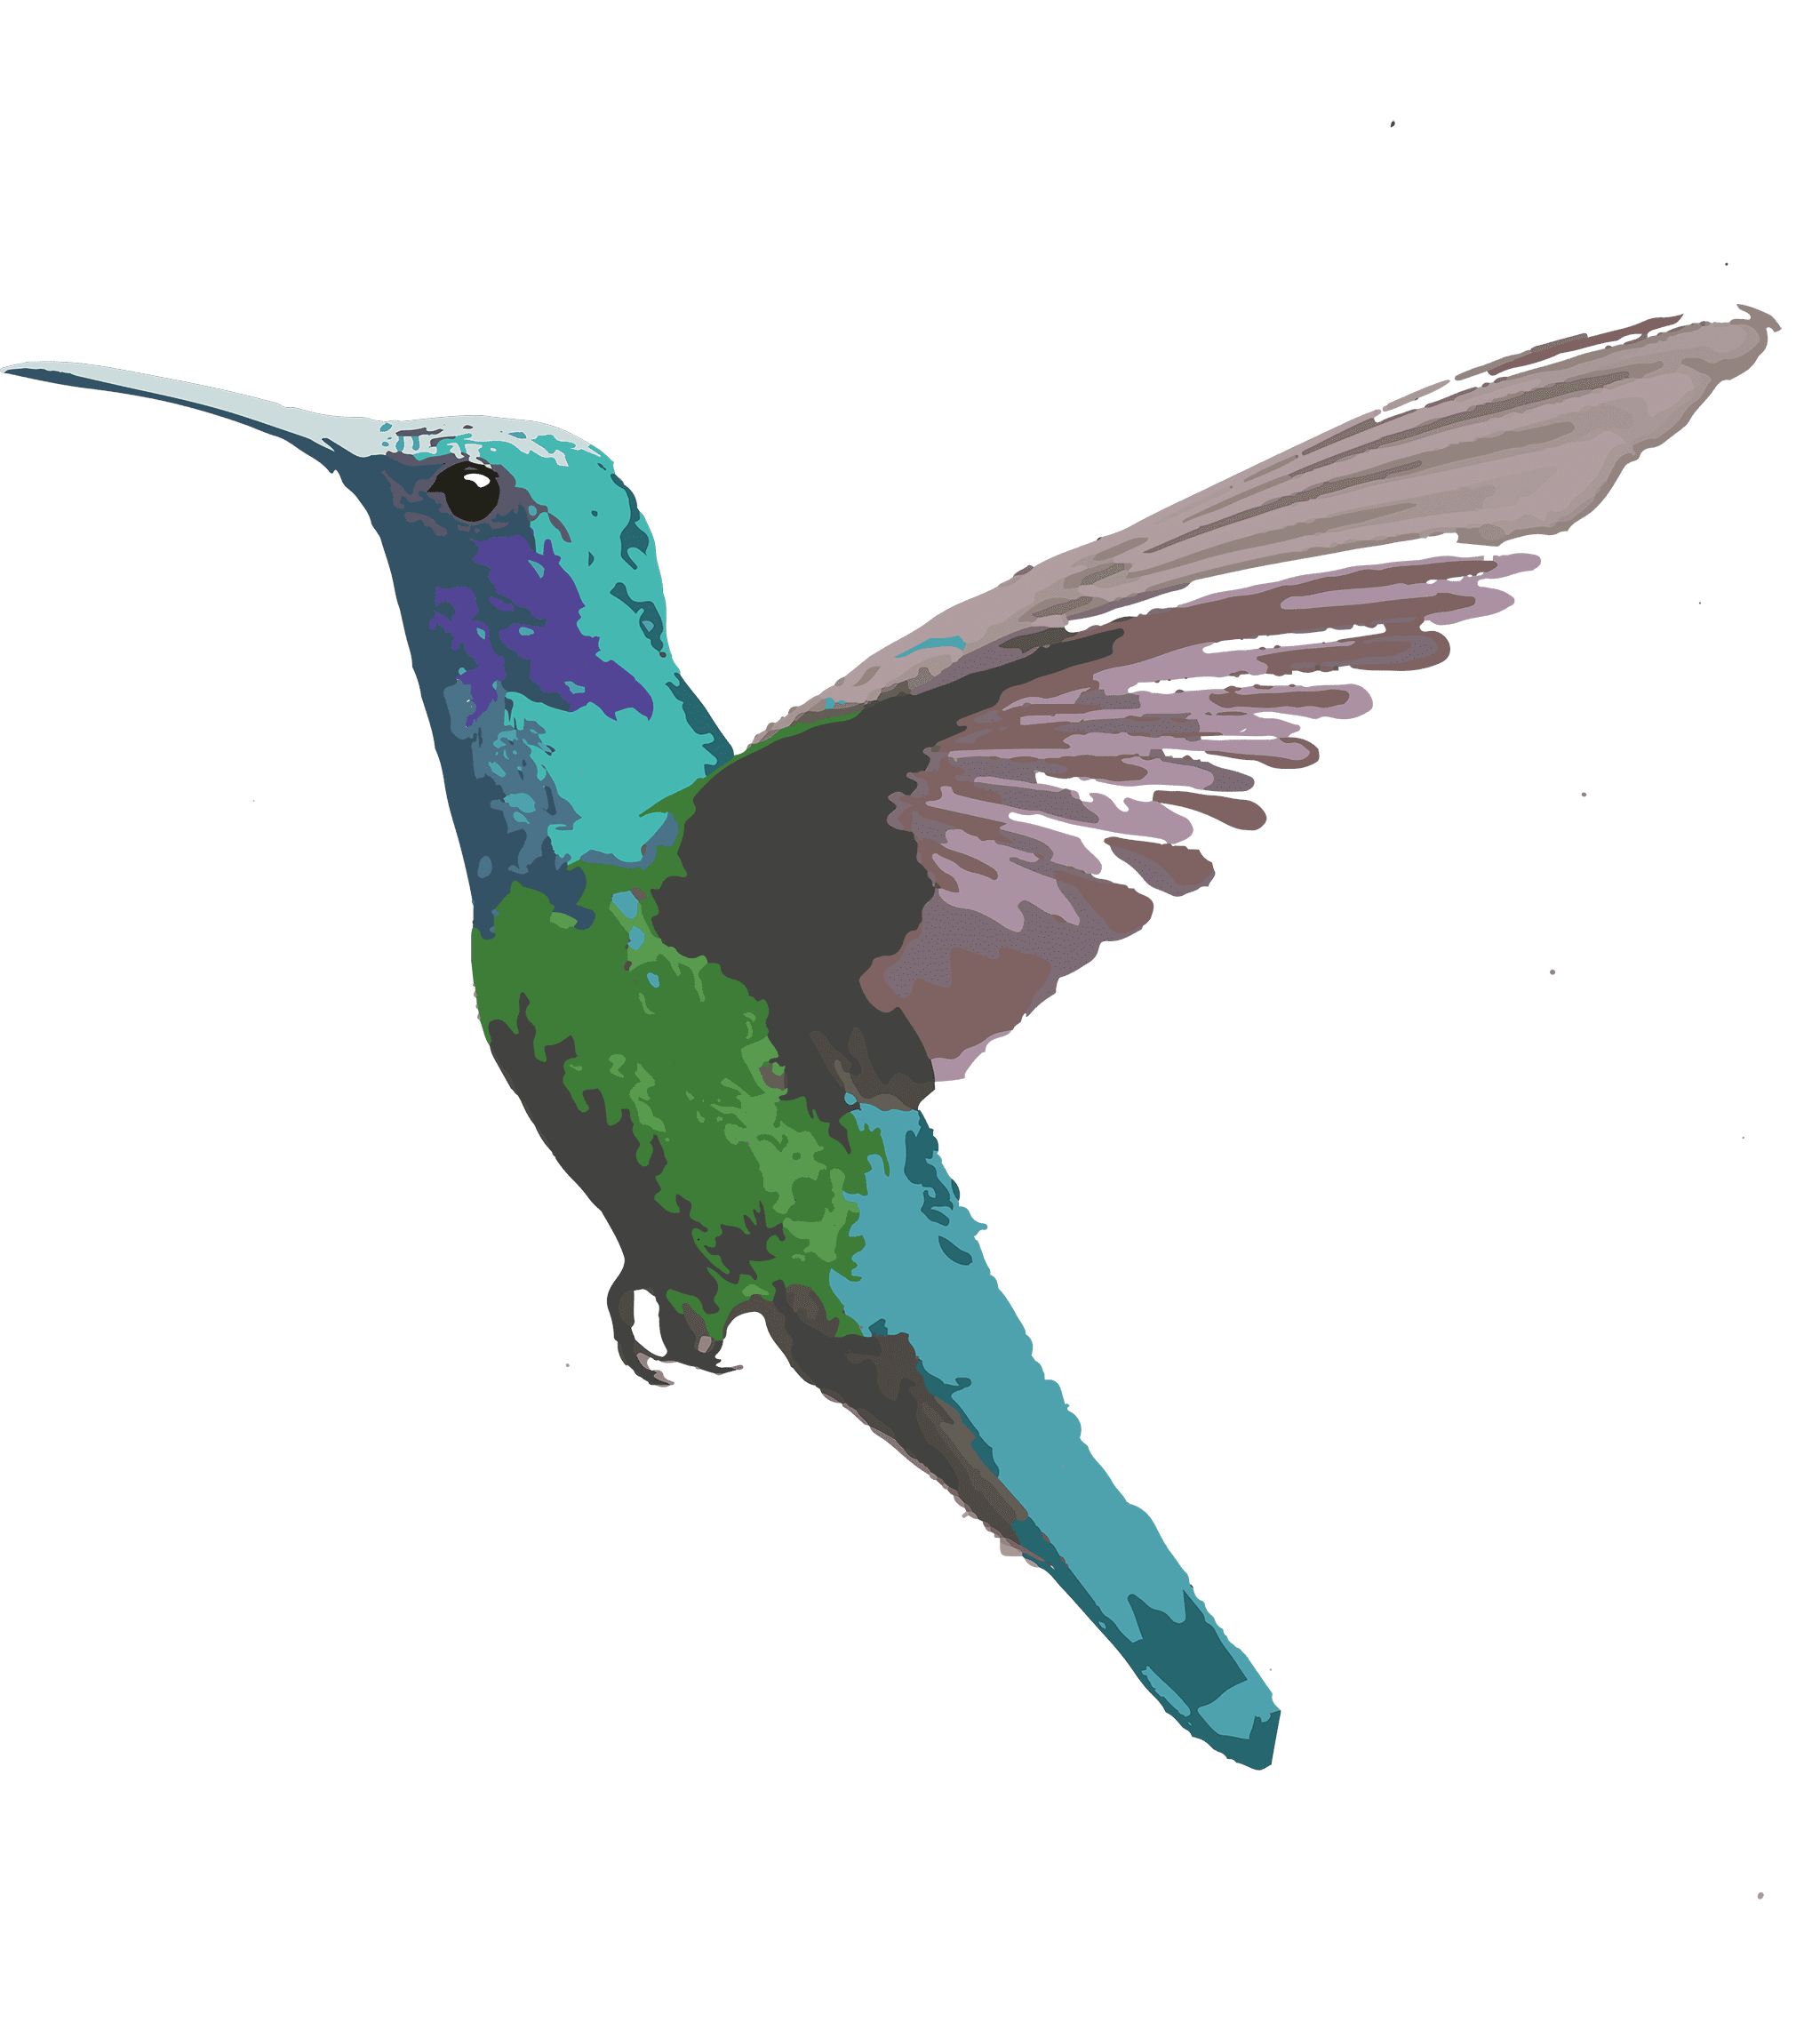 colibrí azul, imagen del café de especialidad Colibrí azul